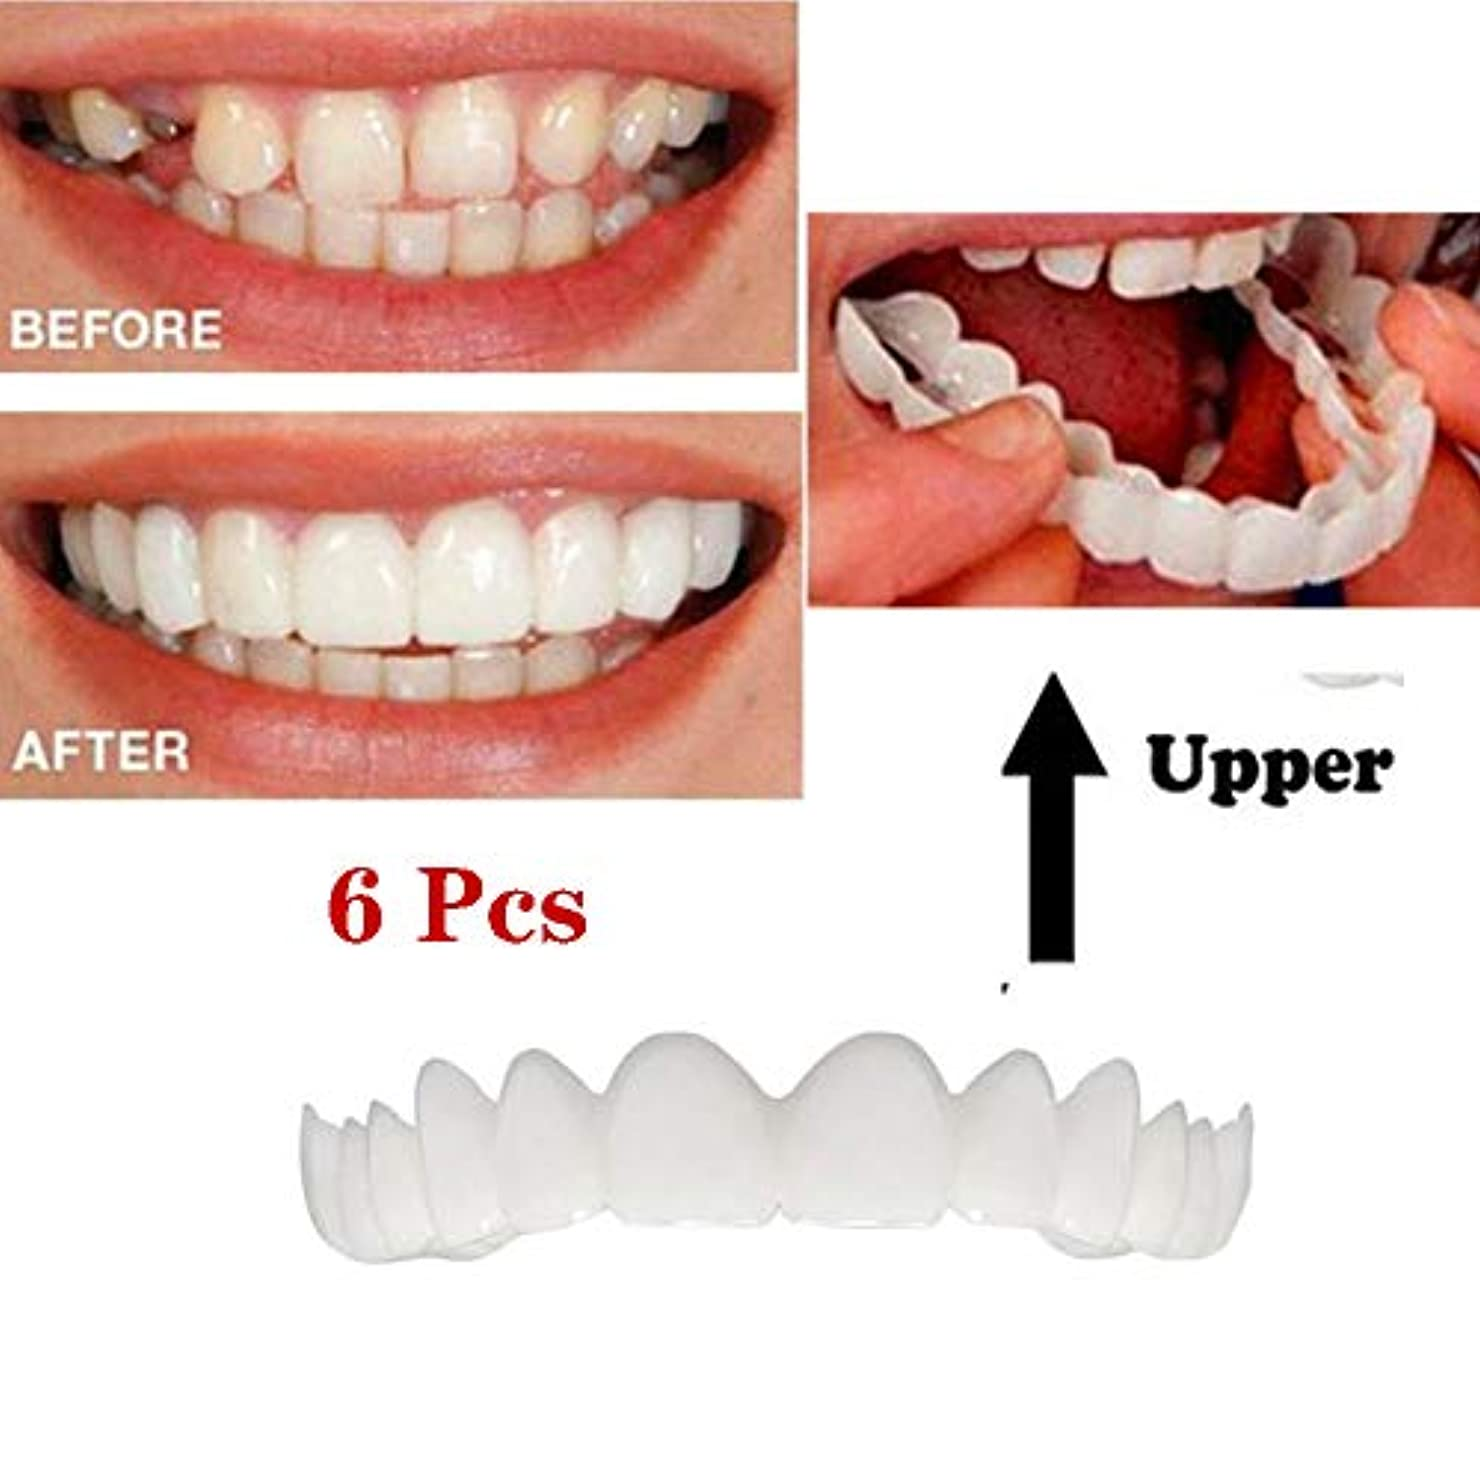 飢ちらつきゴム義歯口腔ケア歯ホワイトニング義歯口腔ケアアッパーブレース一時的な化粧品歯義歯 - 6本